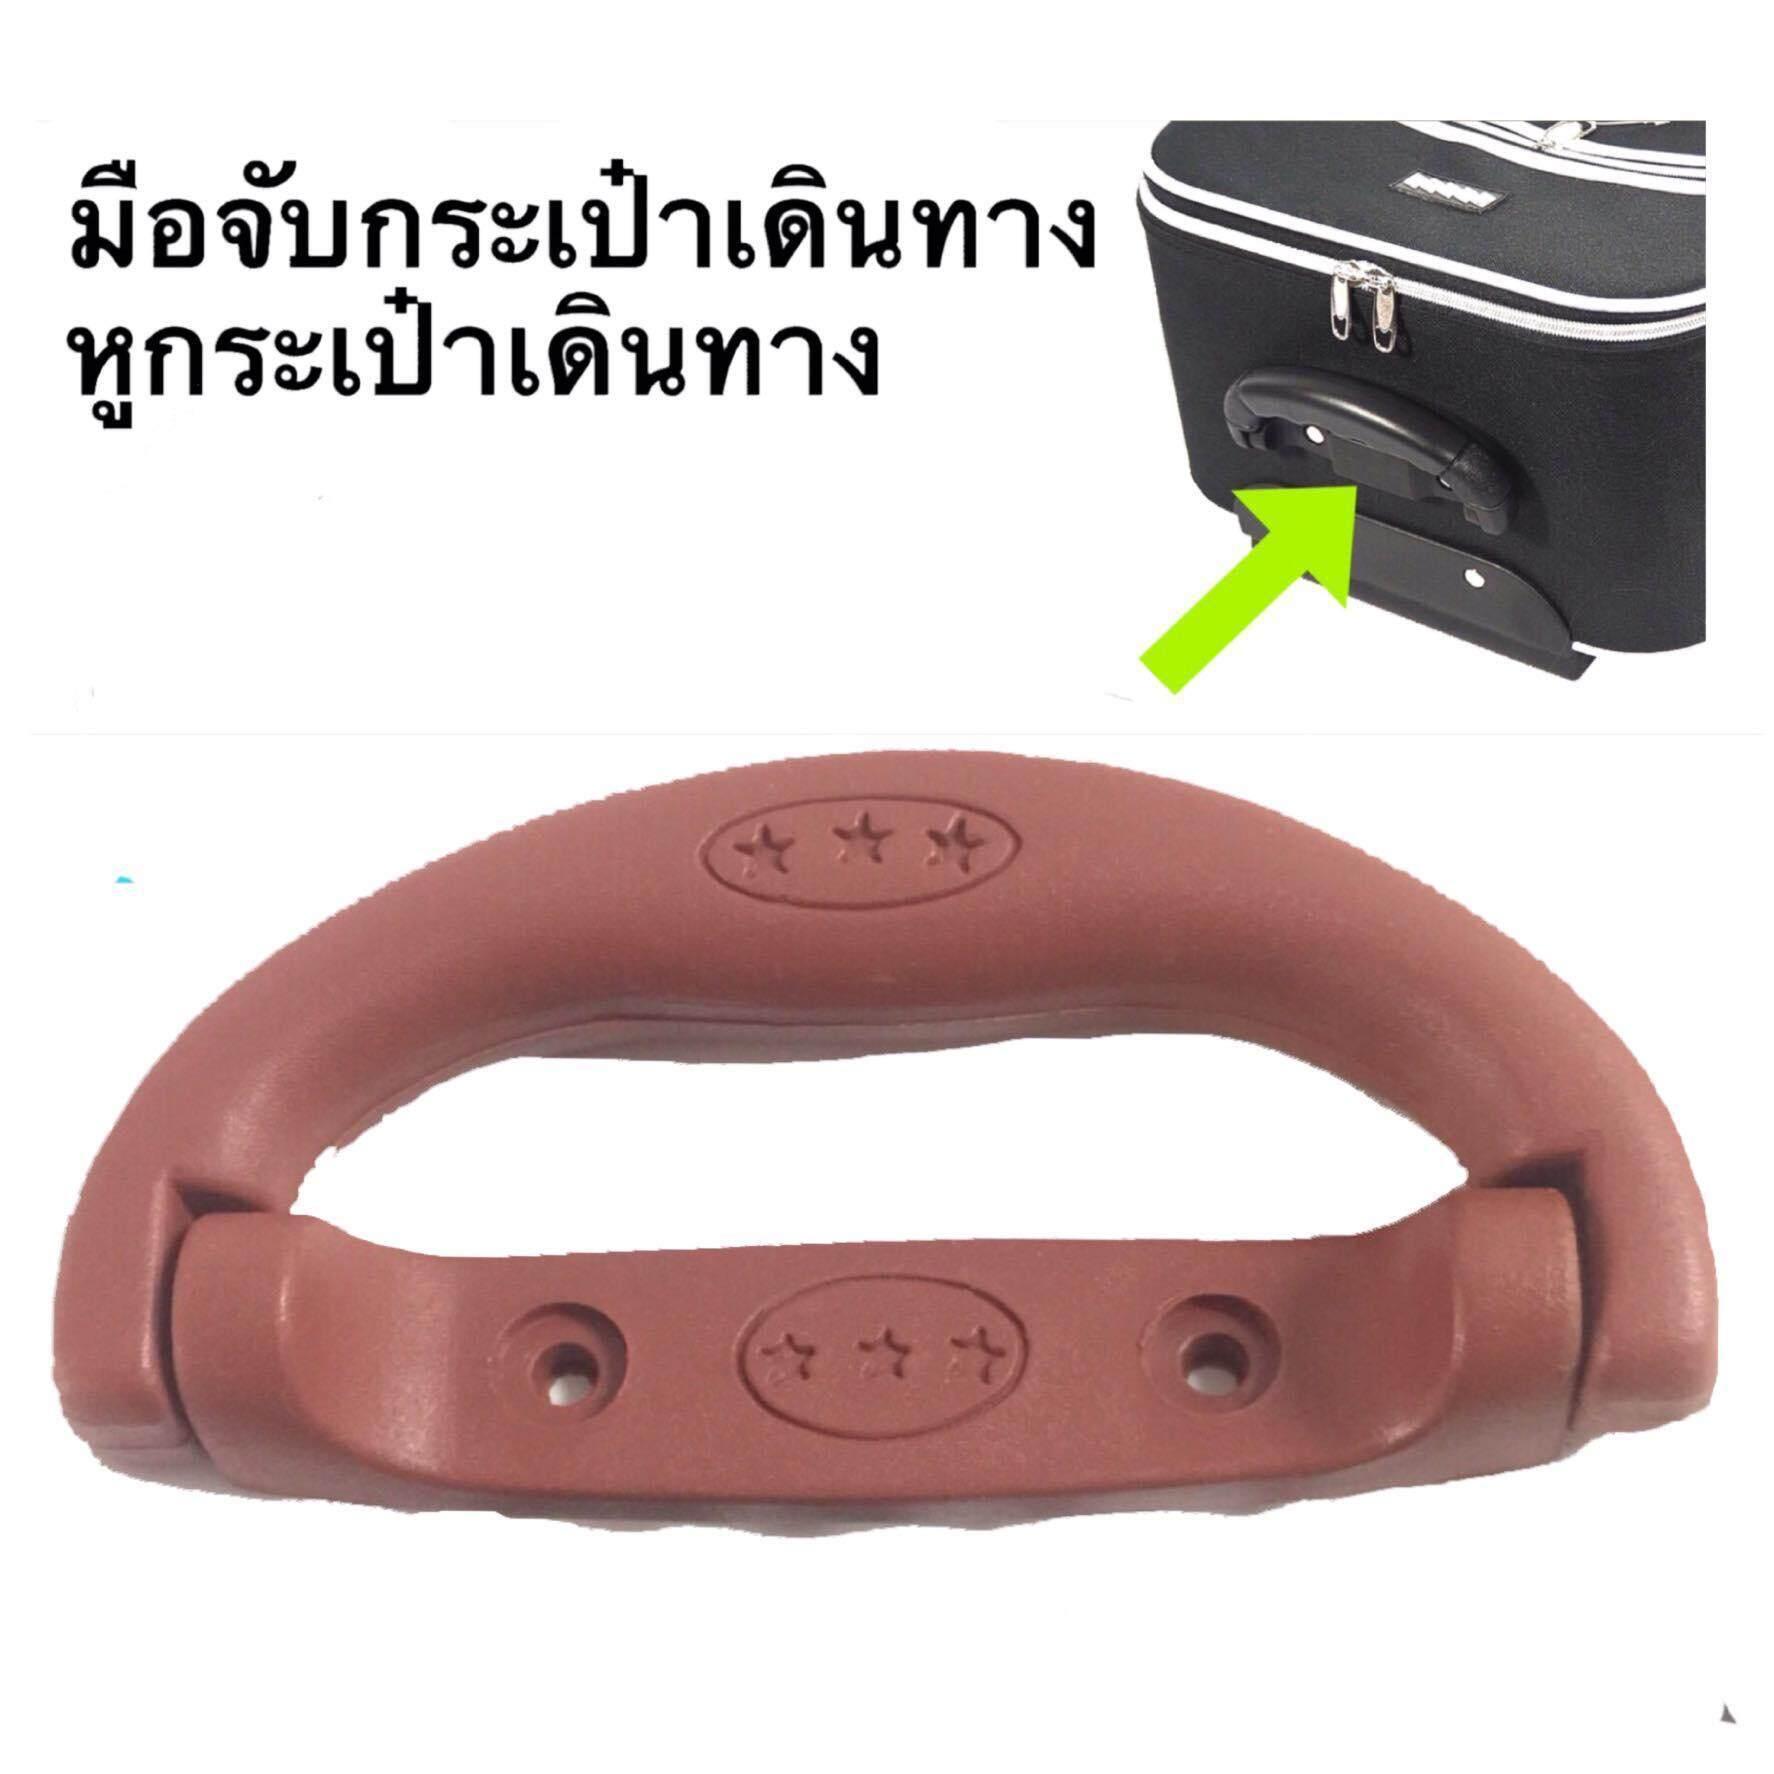 [แบบ B] อะไหล่กระเป๋า มือจับกระเป๋าเดินทาง หูหิ้วกระเป๋าเดินทาง.